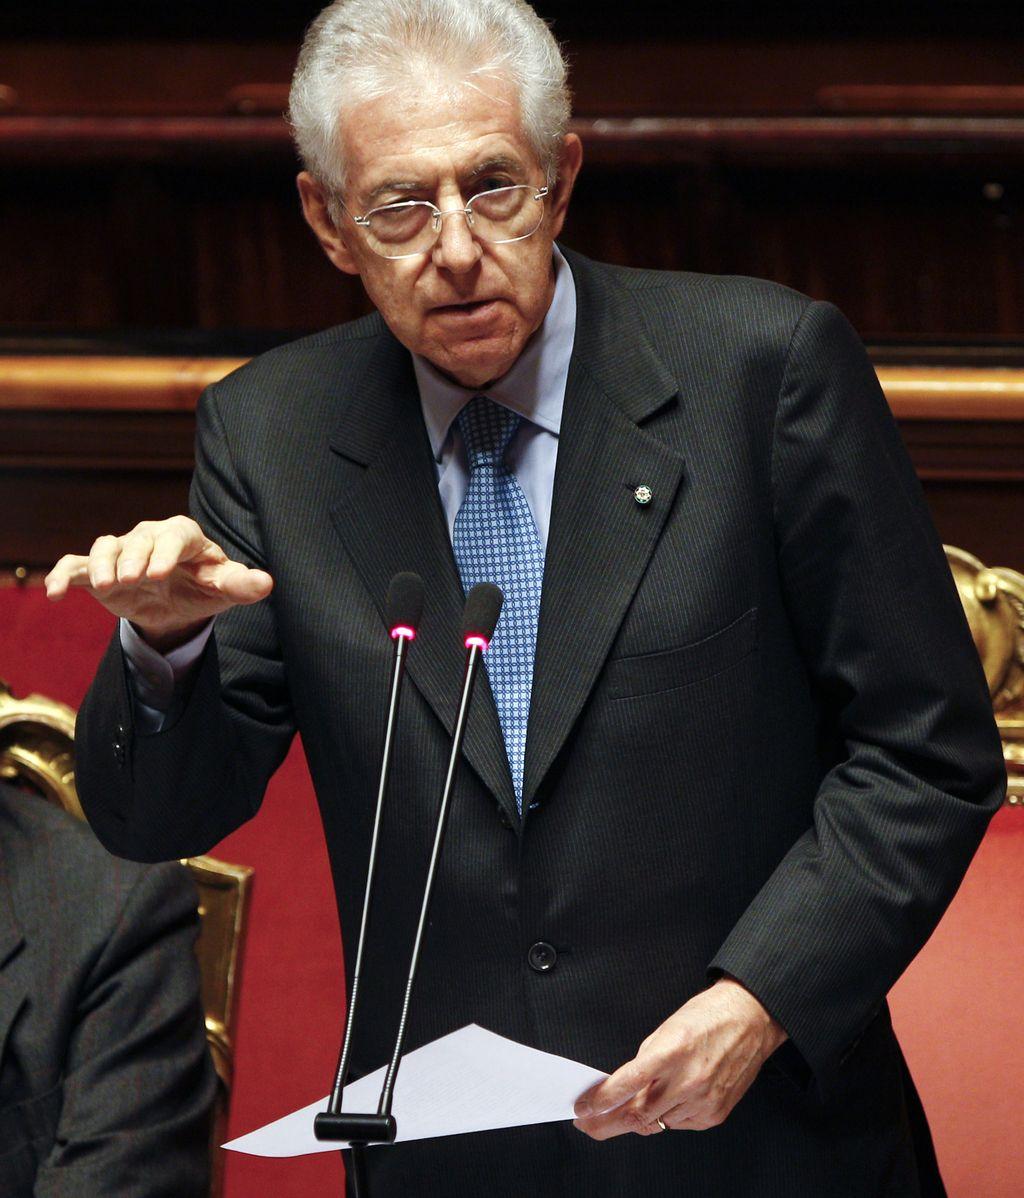 Mario Monti expone su plan de recortes ante el Parlamento